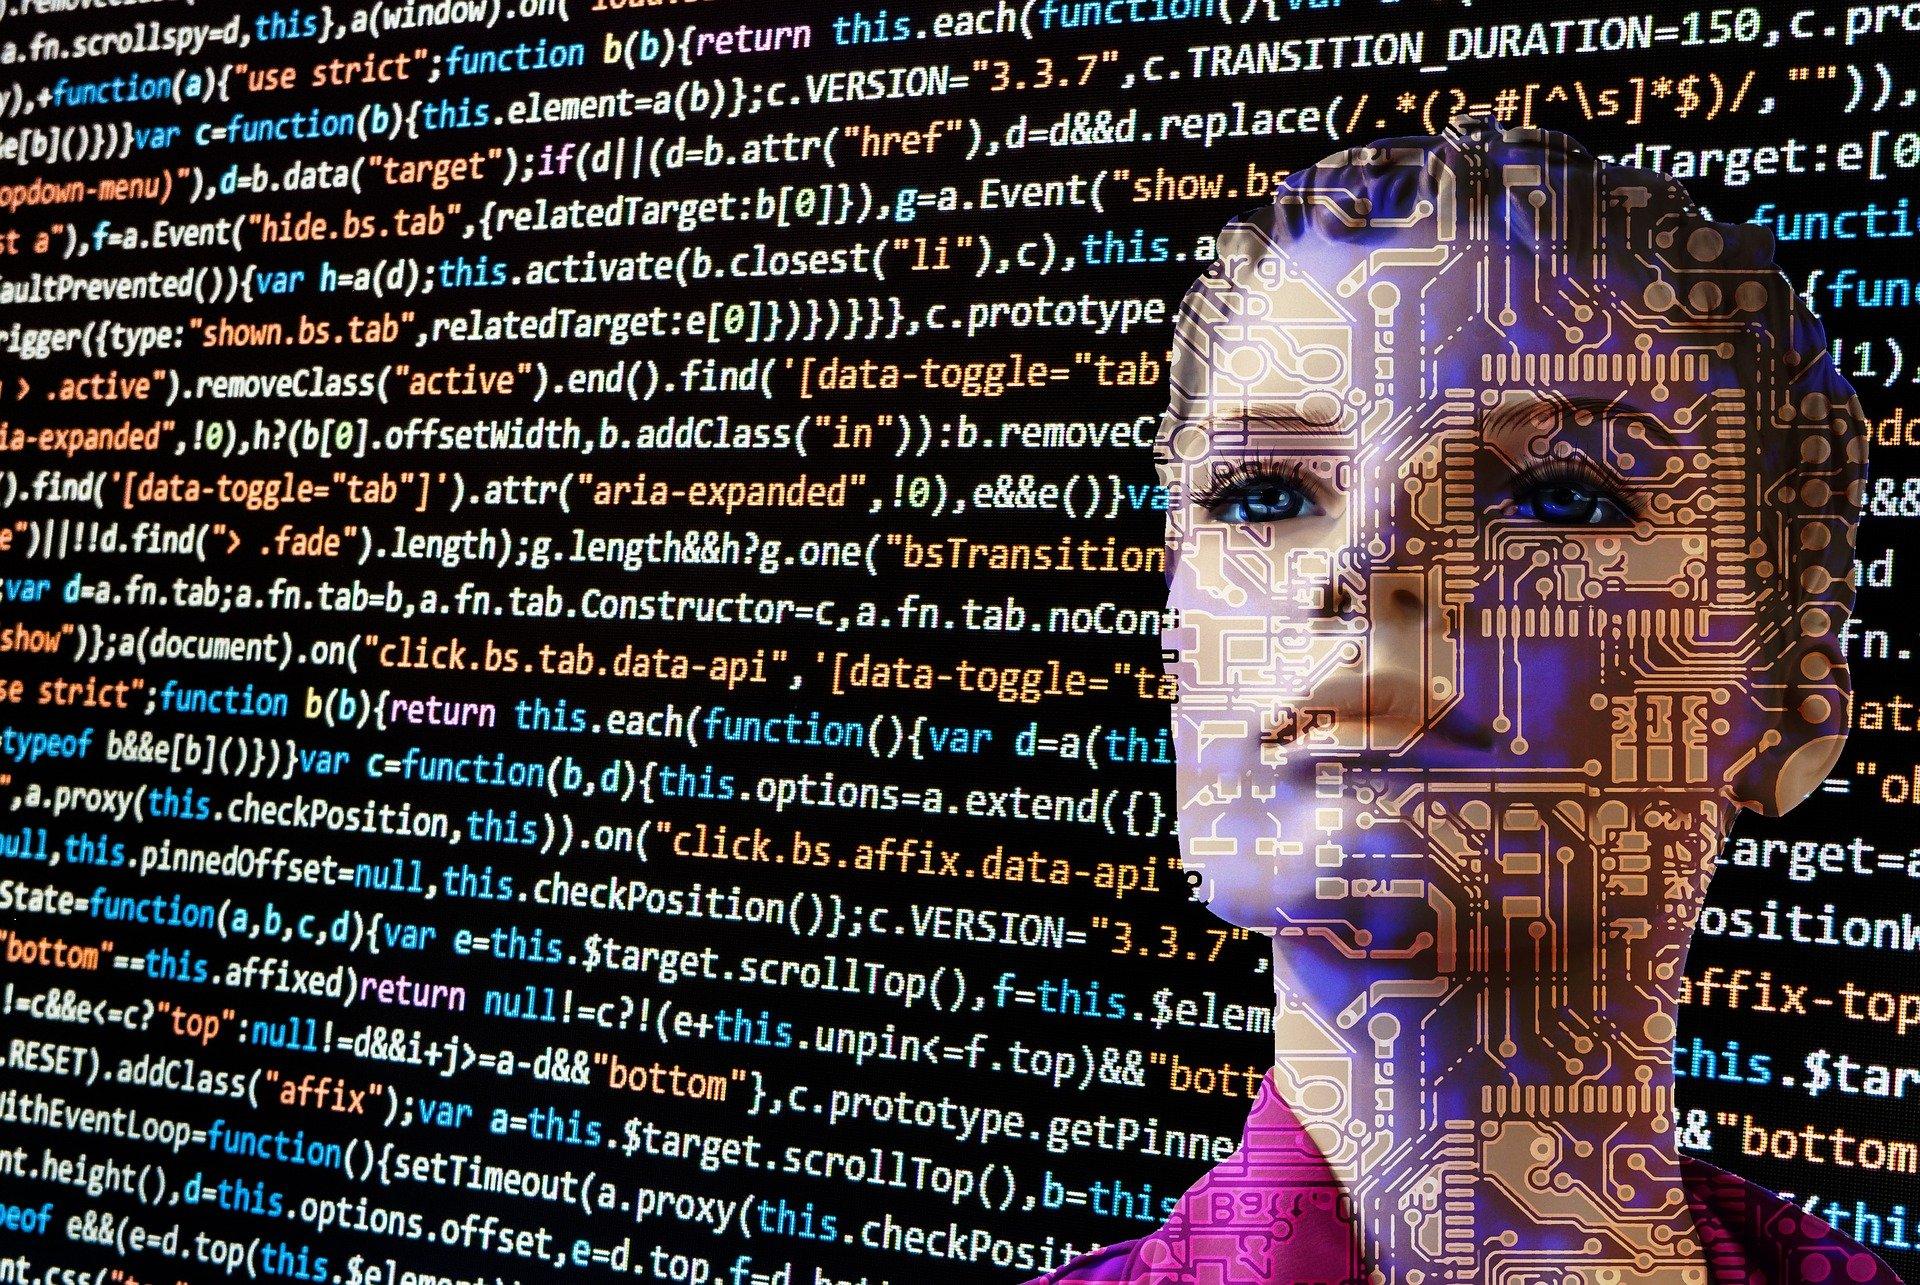 Doculayer 2.0 helpt bedrijven documenten sneller dan ooit geautomatiseerd te verwerken